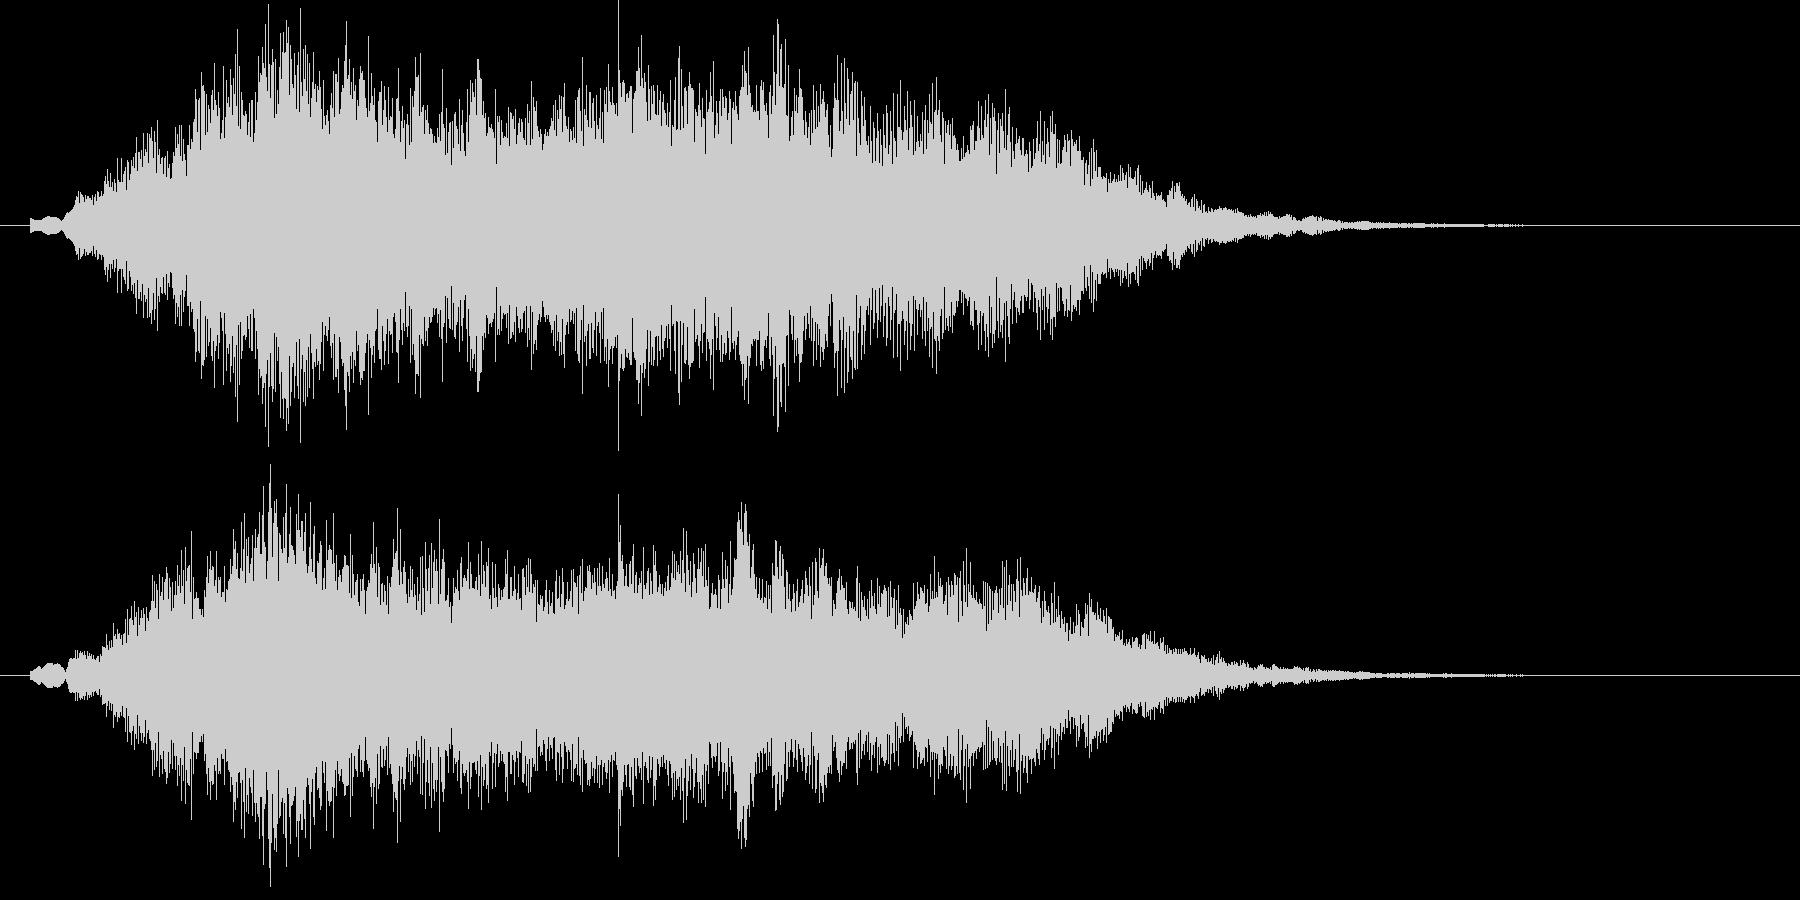 幻想的でキラキラしたサウンドロゴの未再生の波形